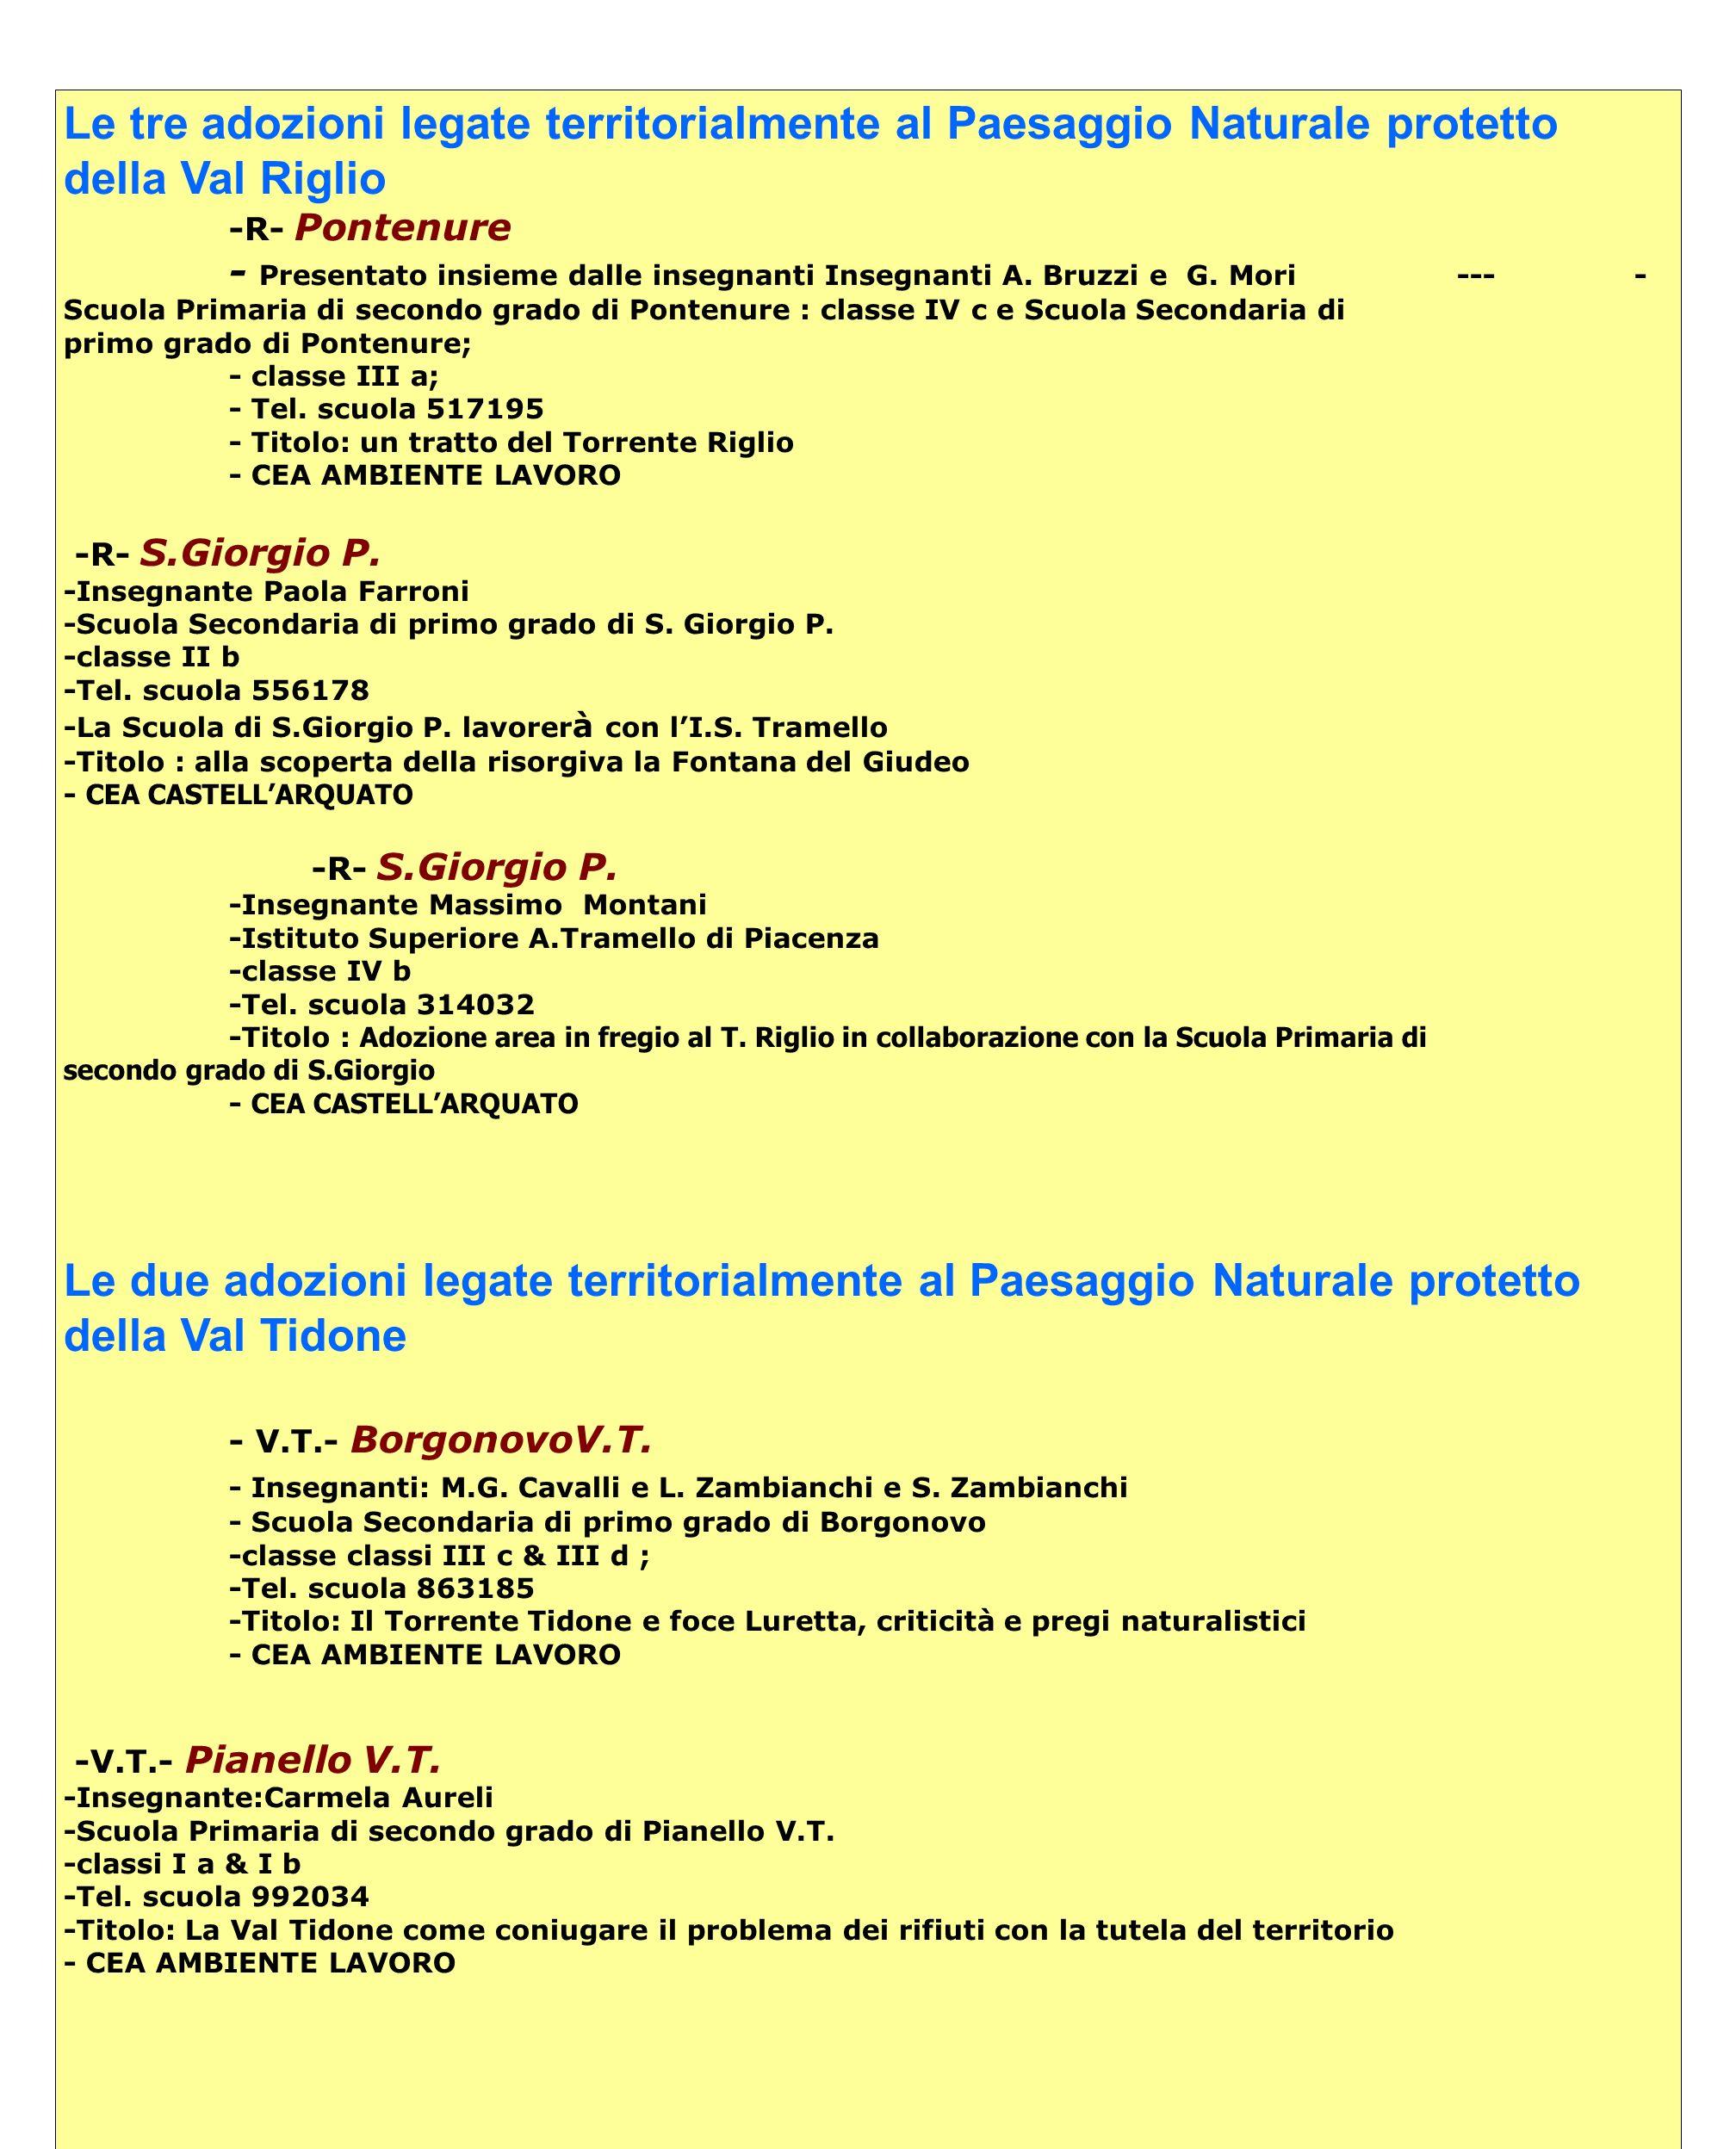 Le tre adozioni legate territorialmente al Paesaggio Naturale protetto della media Val dArda - MVA - Fiorenzuola - Insegnante Elena Pasquali - Scuola Primaria di secondo grado di Fiorenzuola (classi prime ) e Scuola Secondaria di primo grado di Fiorenzuola (classi seconde) -tel&fax scuola: 983235 - Titolo: Il torrente Arda e i fontanili di Fiorenzuola -CEA FIORENZUOLA -R- Liceo Mattei Fiorenzuola - Insegnante Annella Zoppi - Scuola Liceo Mattei di Fiorenzuola -classe II b -Tel.